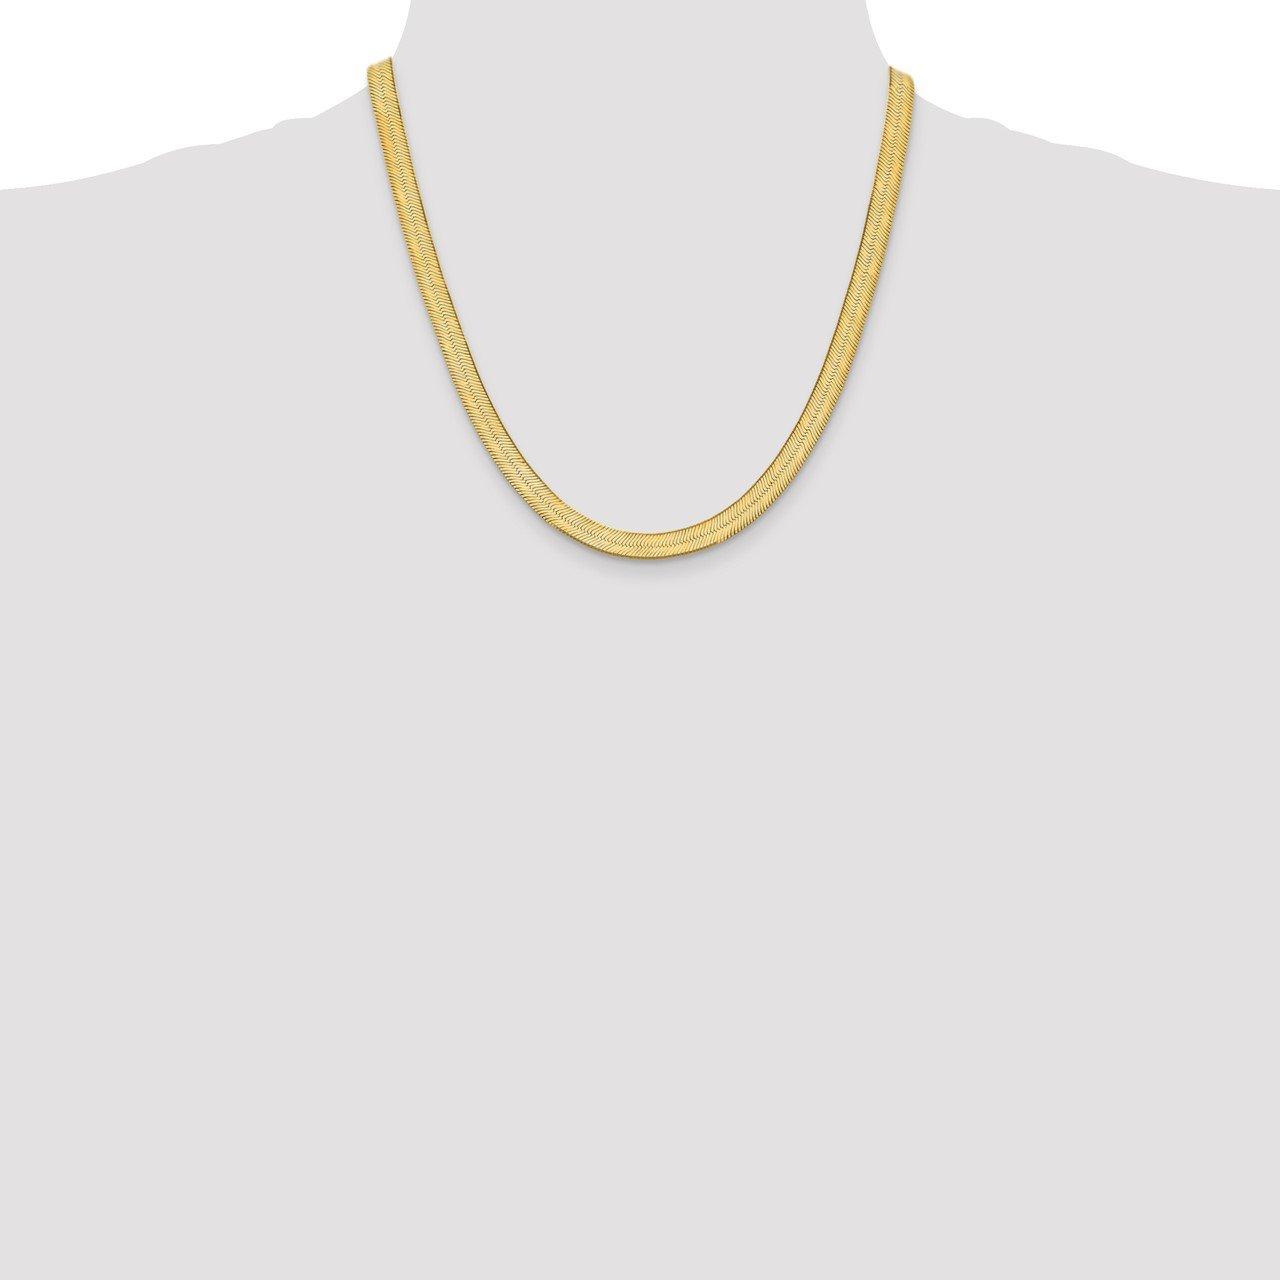 14k 6.5mm Silky Herringbone Chain-1